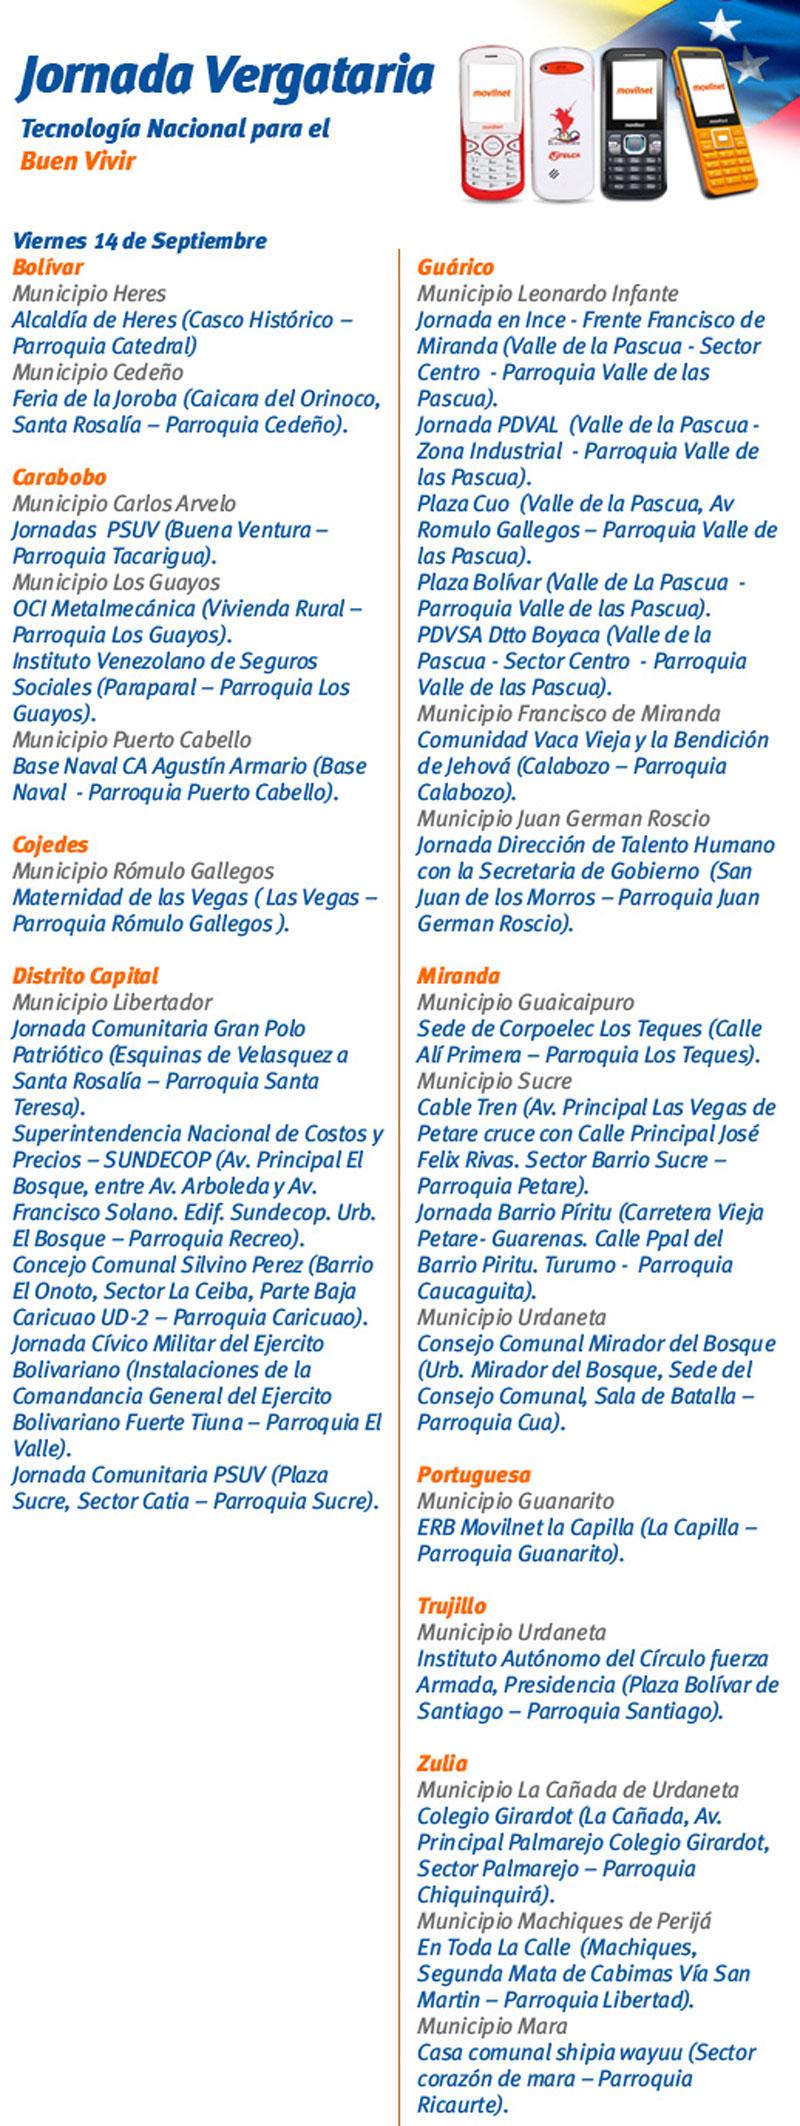 Jornada Vergataria 14-09-2012